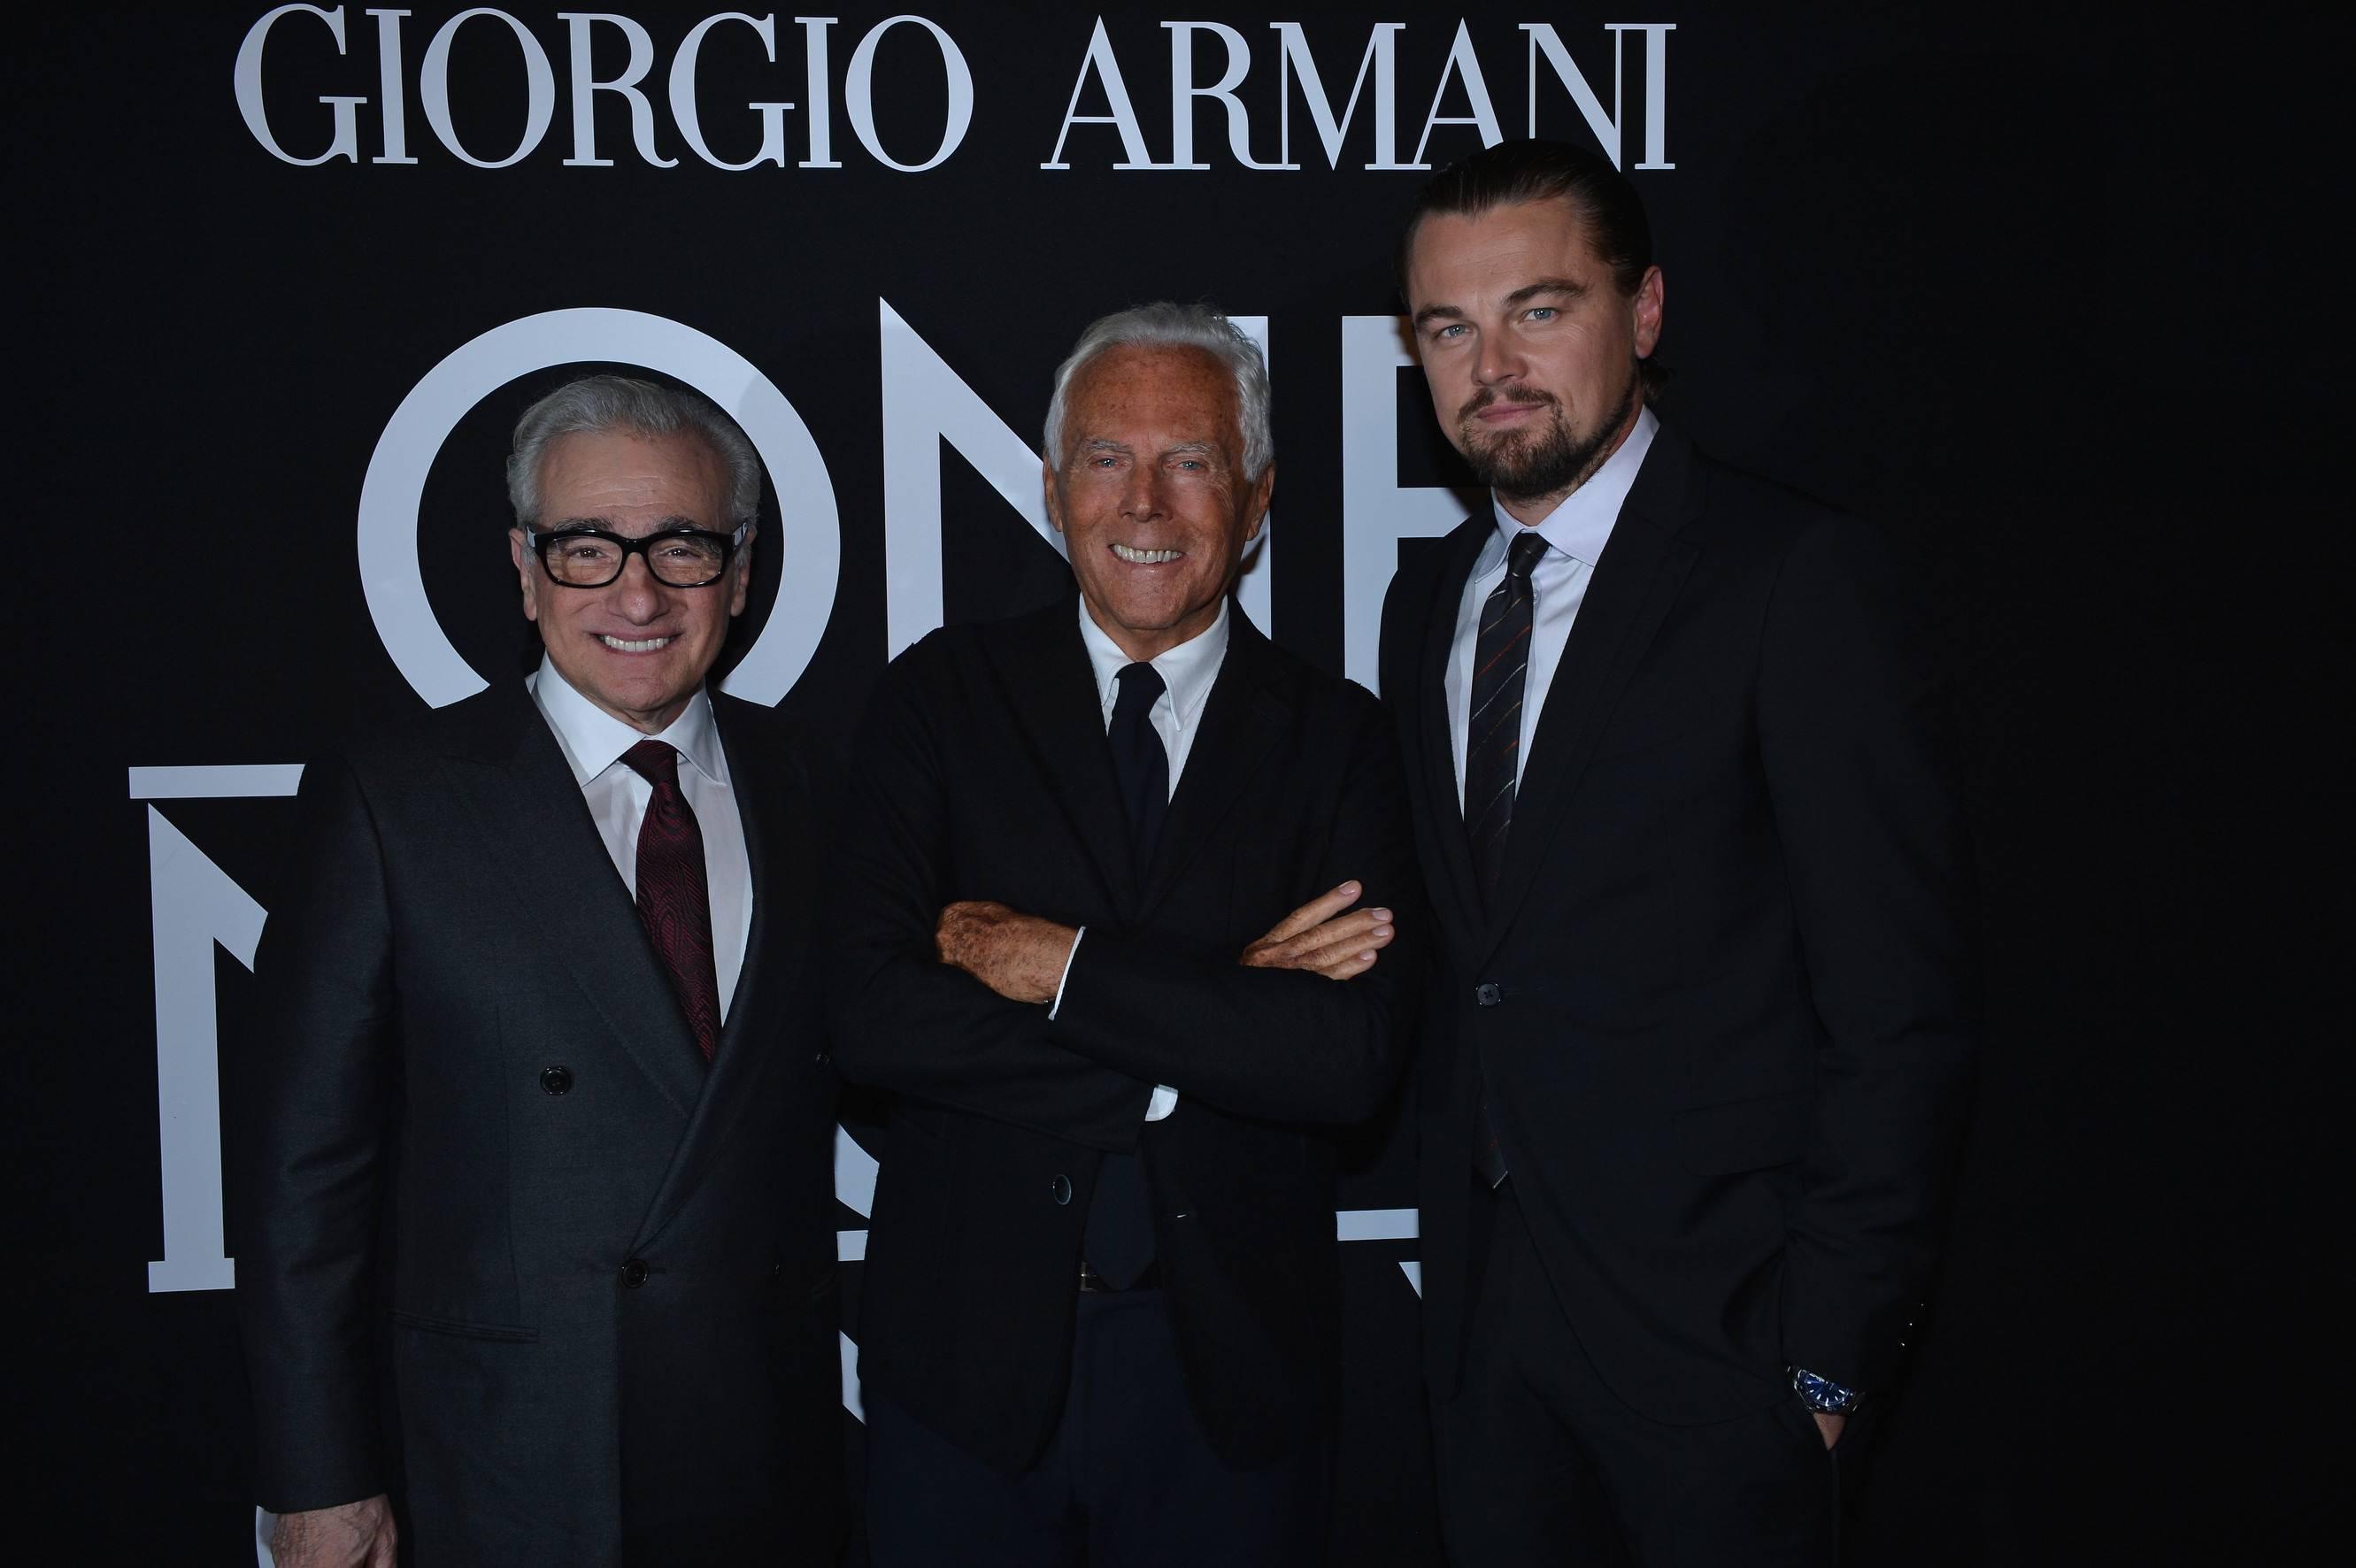 Martin Scorsese Giorgio Armani and Leonardo DiCaprio